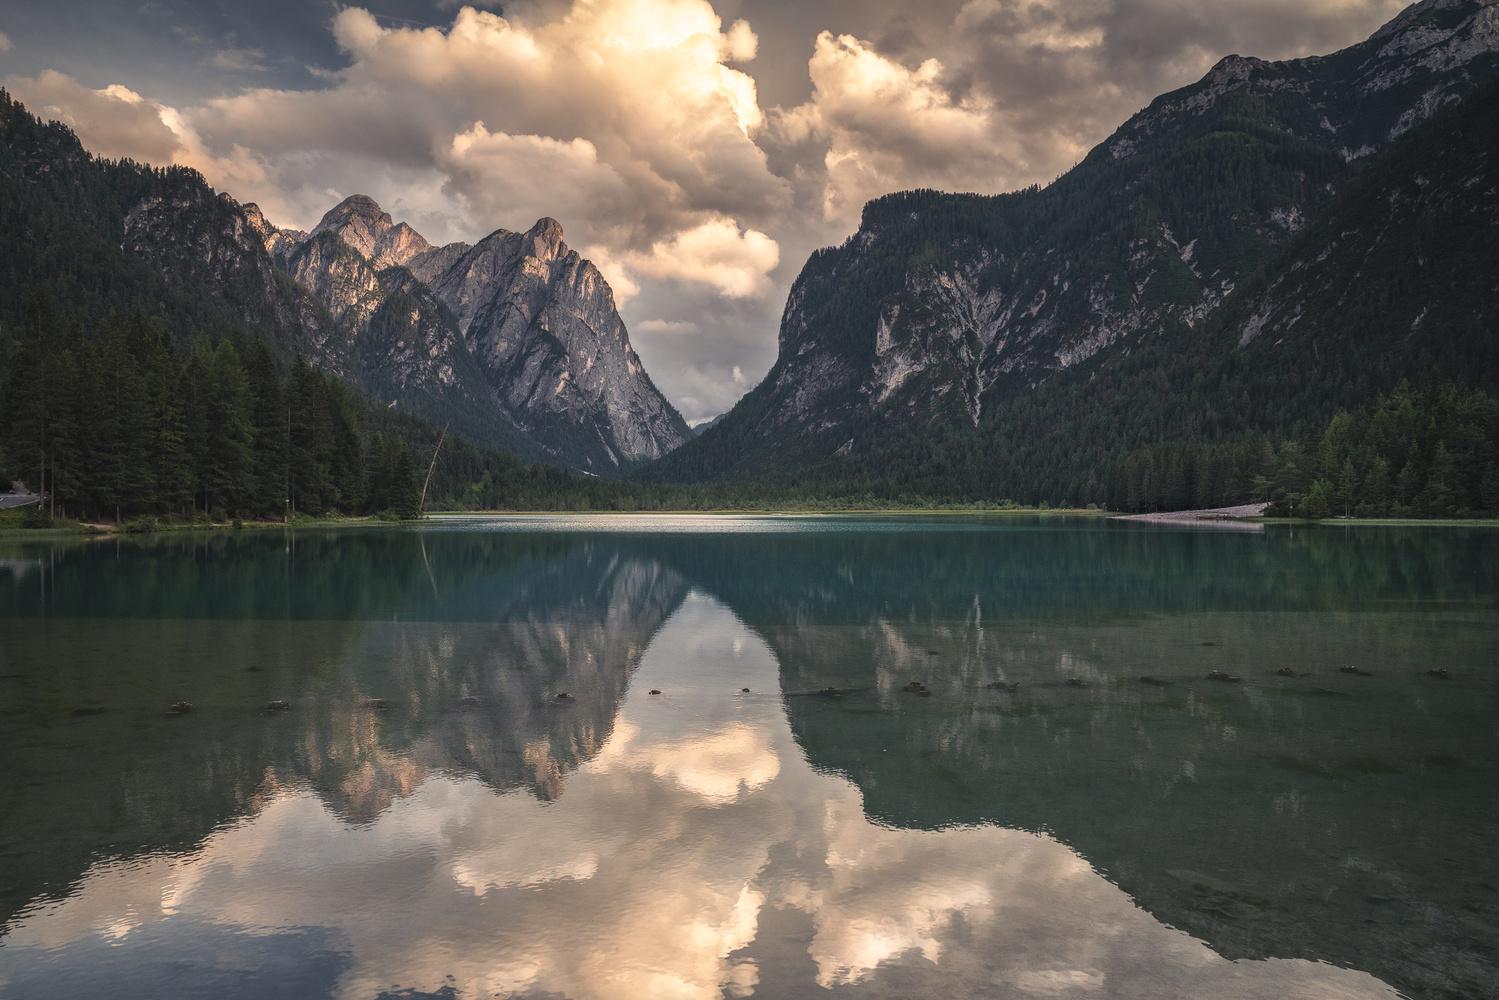 On the lakeside by Shumon Saito